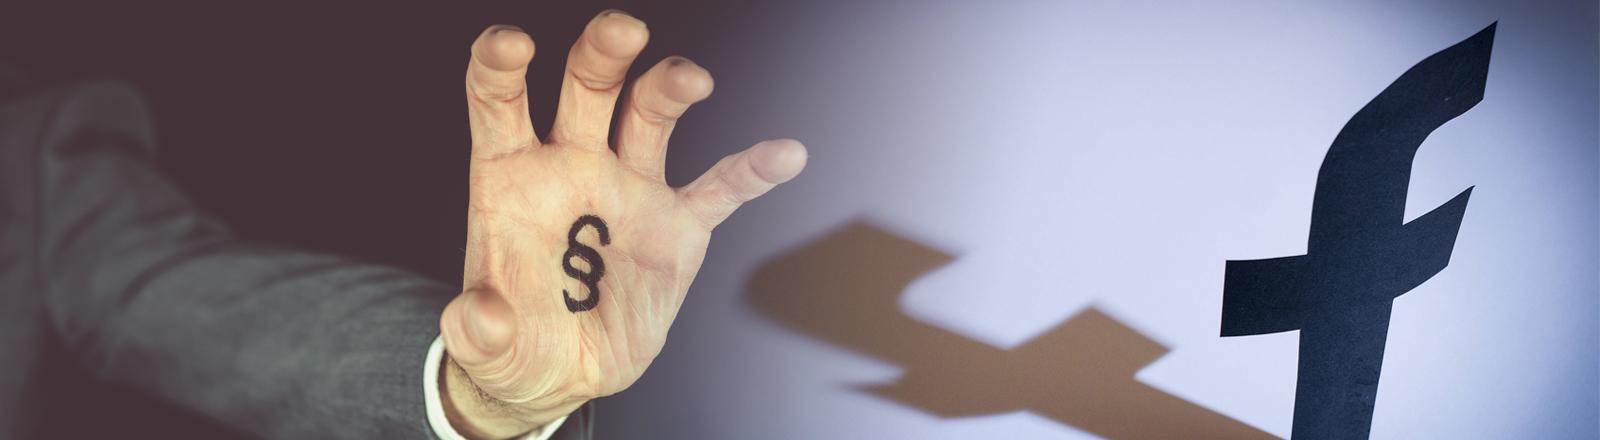 Collage: Hand mit Paragraphenzeichen, Facebook-Logo